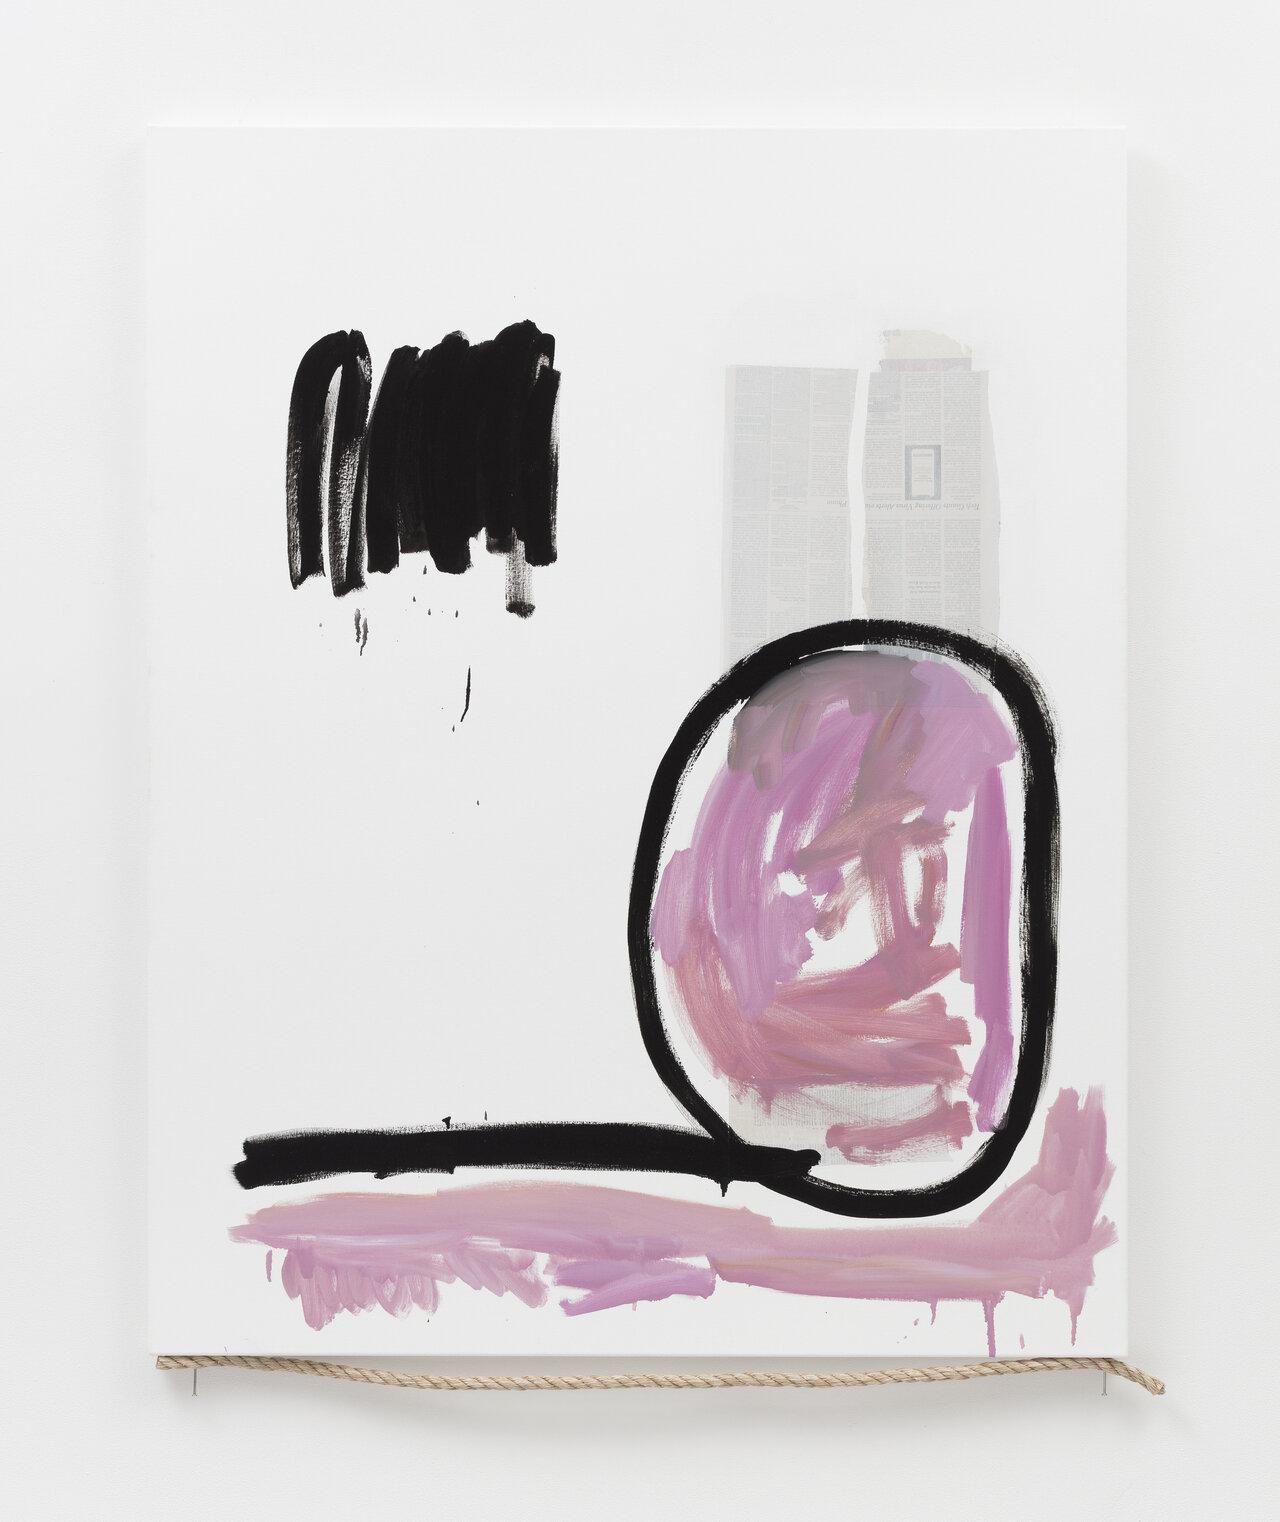 マーガレット・リー I.C.W,U.M. #12 2020 Newspaper, oil paint, nails, rope on canvas 157x127cm Courtesy of the artist and MISAKO & ROSEN Photo: KEI OKANO